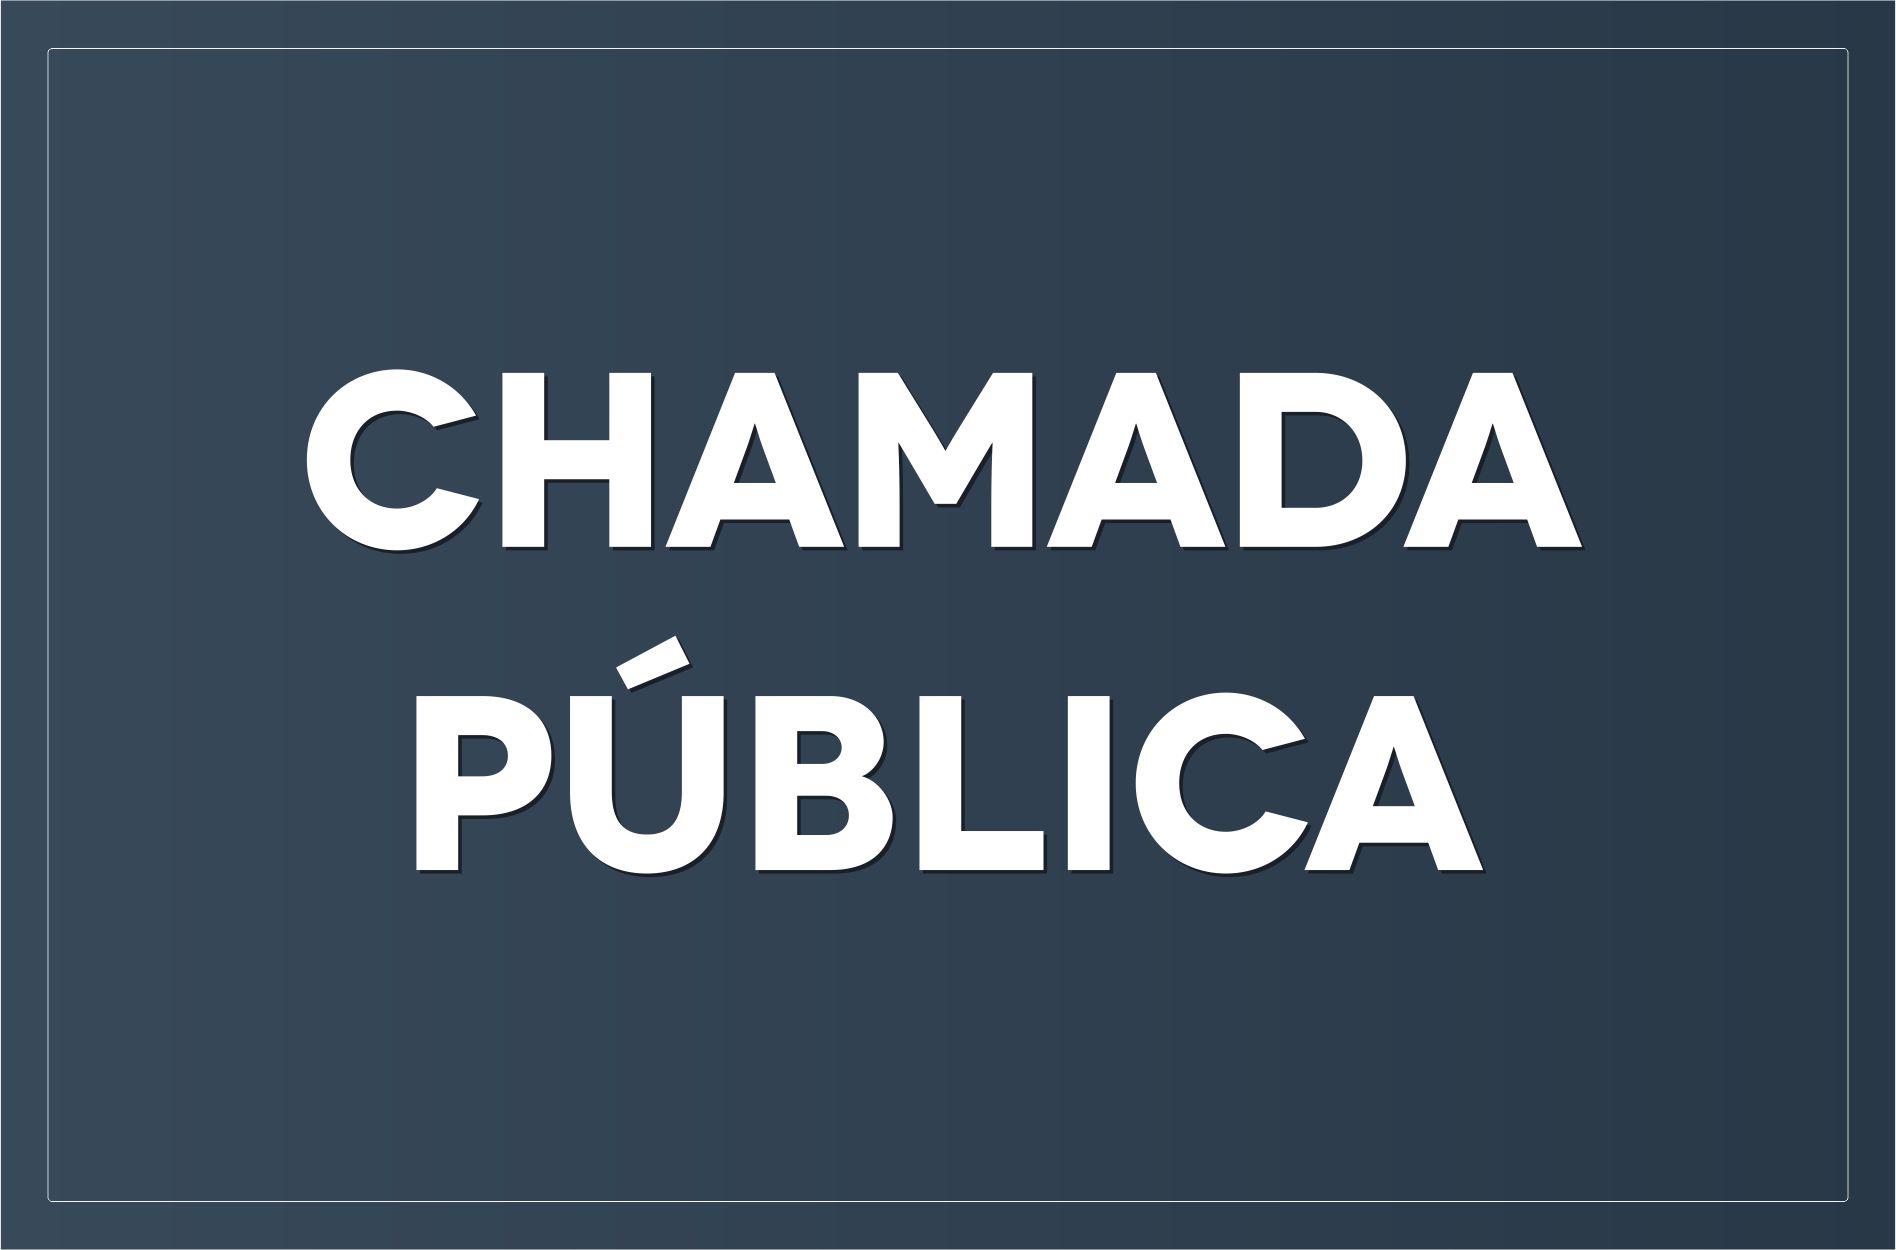 PREFEITURA REALIZA CHAMADA PÚBLICA PARA AQUISIÇÃO DE MERENDA ESCOLAR DE AGRICULTORES FAMILIARES